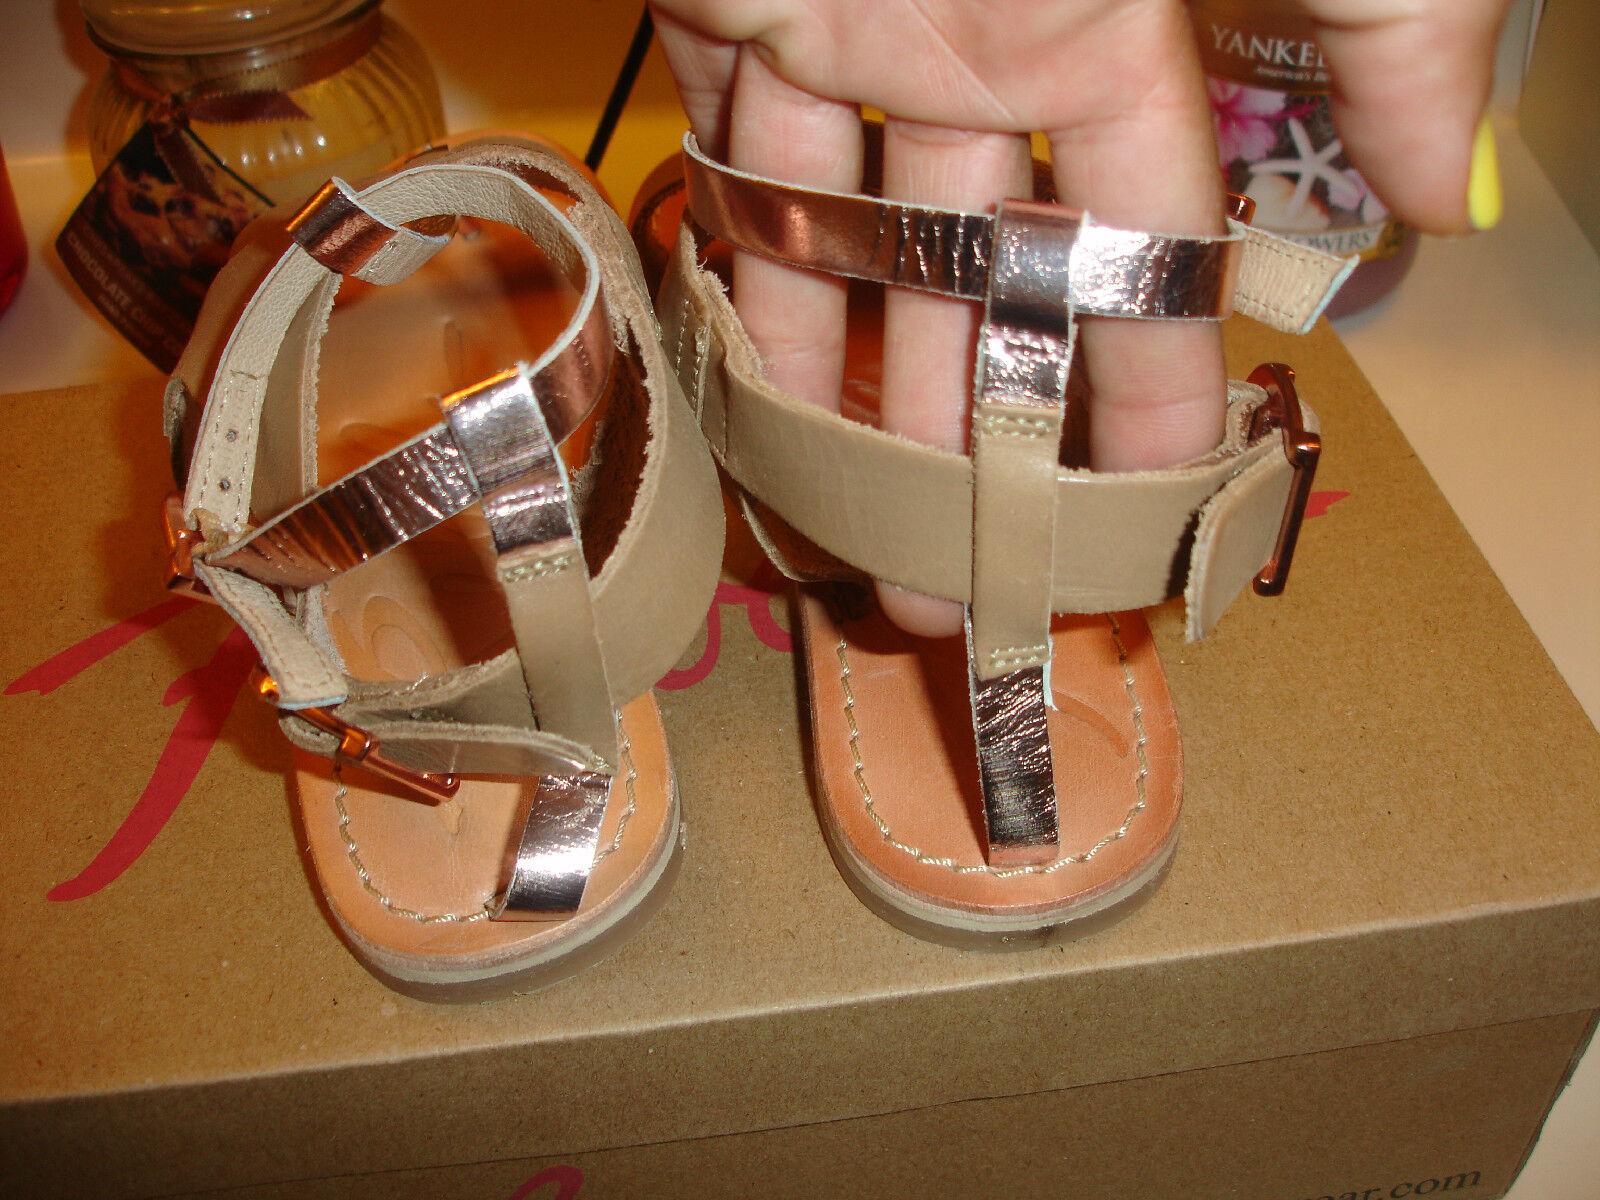 Rebels France Schuhe Tan Rosegold  Leder Schuhe France Comfort 85 Quality Styllish Nice d5e6ee